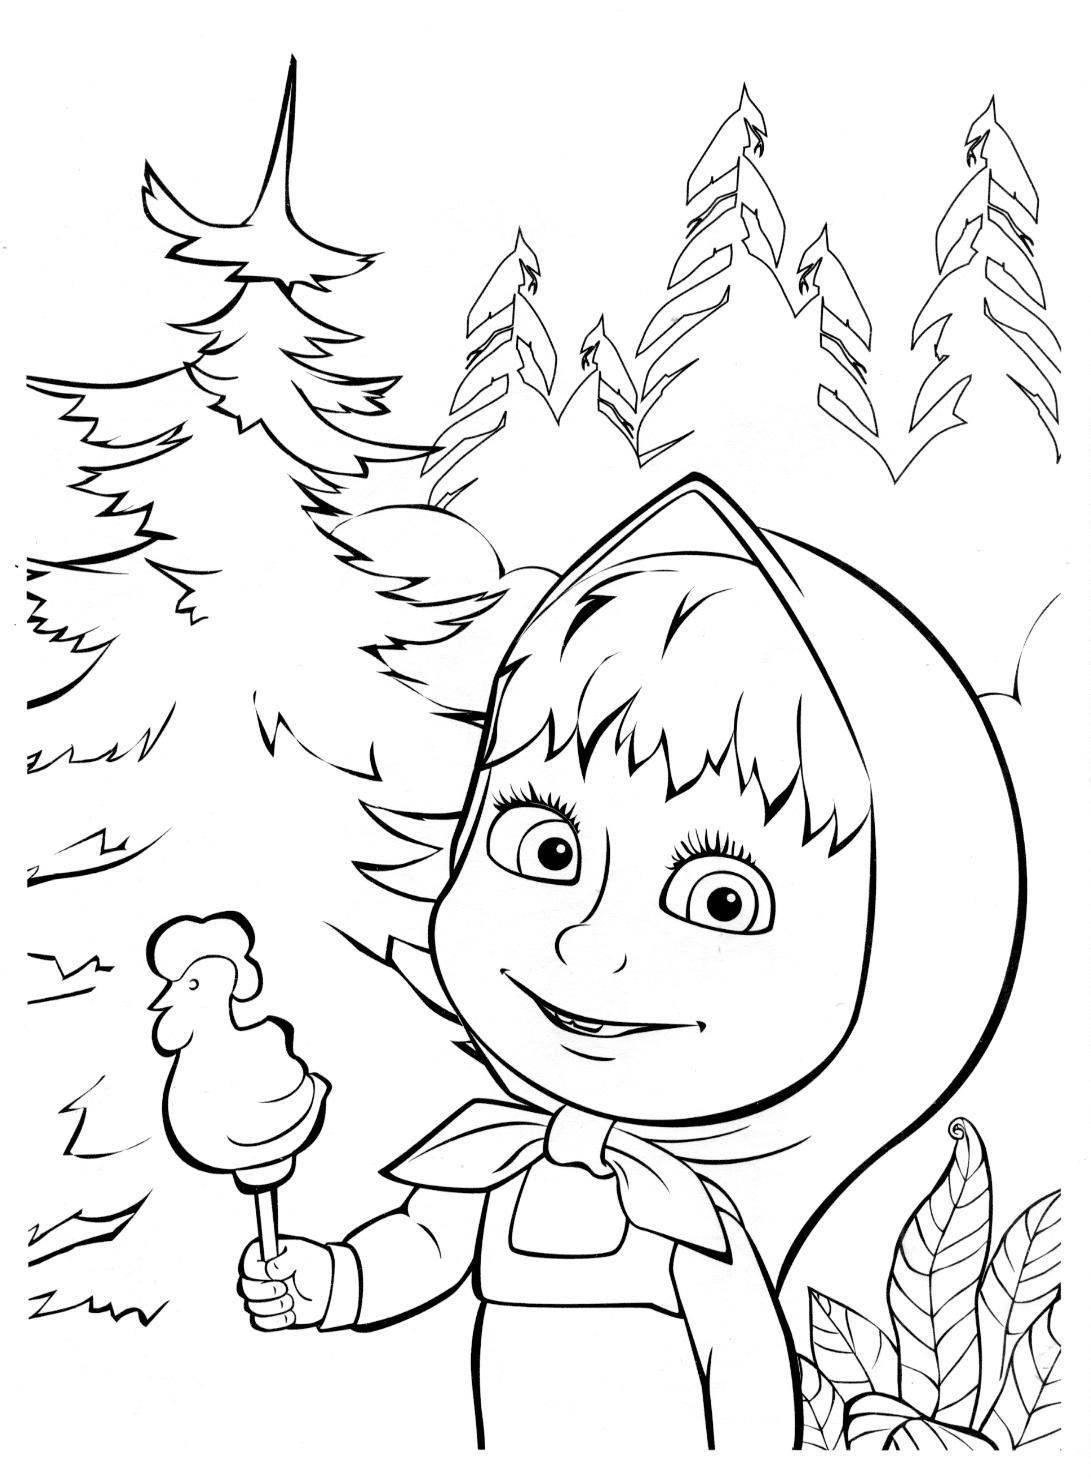 Маша с ледянцом. рисунки для витражных красок из мульфильма маша и медведь.